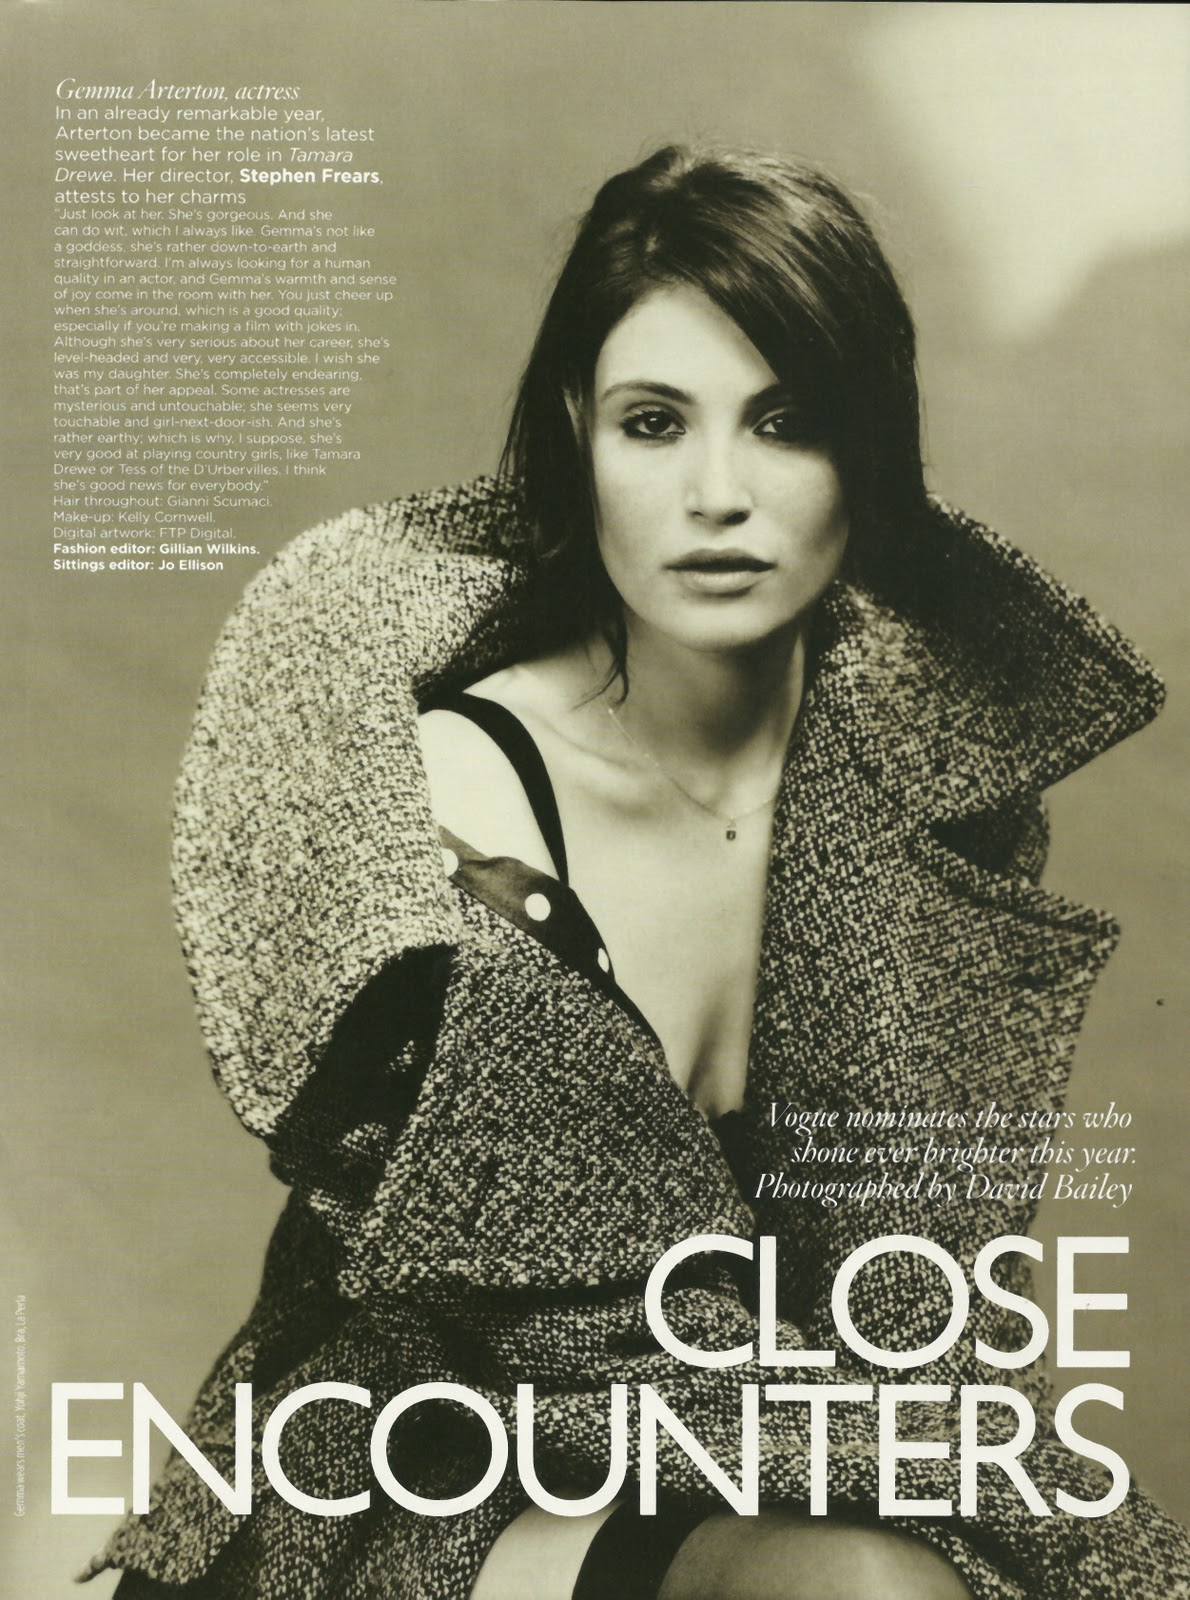 http://1.bp.blogspot.com/_NyZri5bmul4/TOiAgkvCtXI/AAAAAAAAEIA/K4M7v9O7ls8/s1600/Gemma_Arterton_Vogue_December_2010.jpg